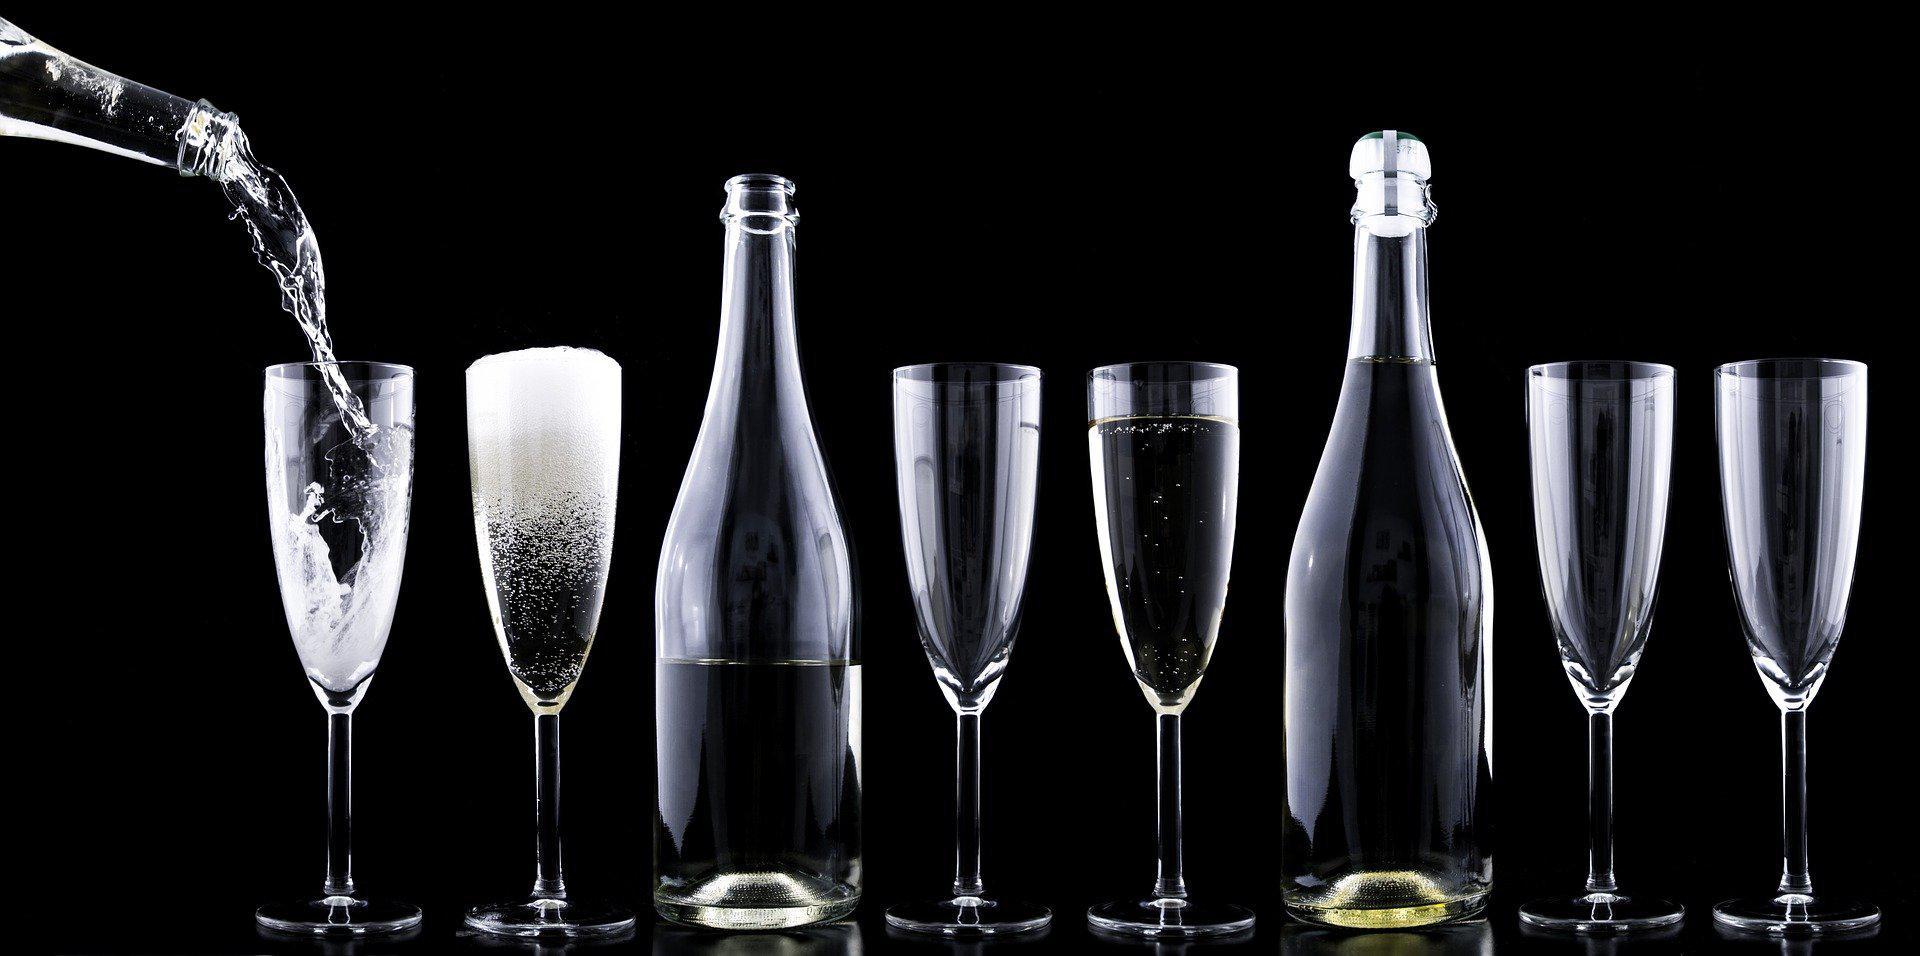 Цена «газировки» и алкоголя возрастет в Италии